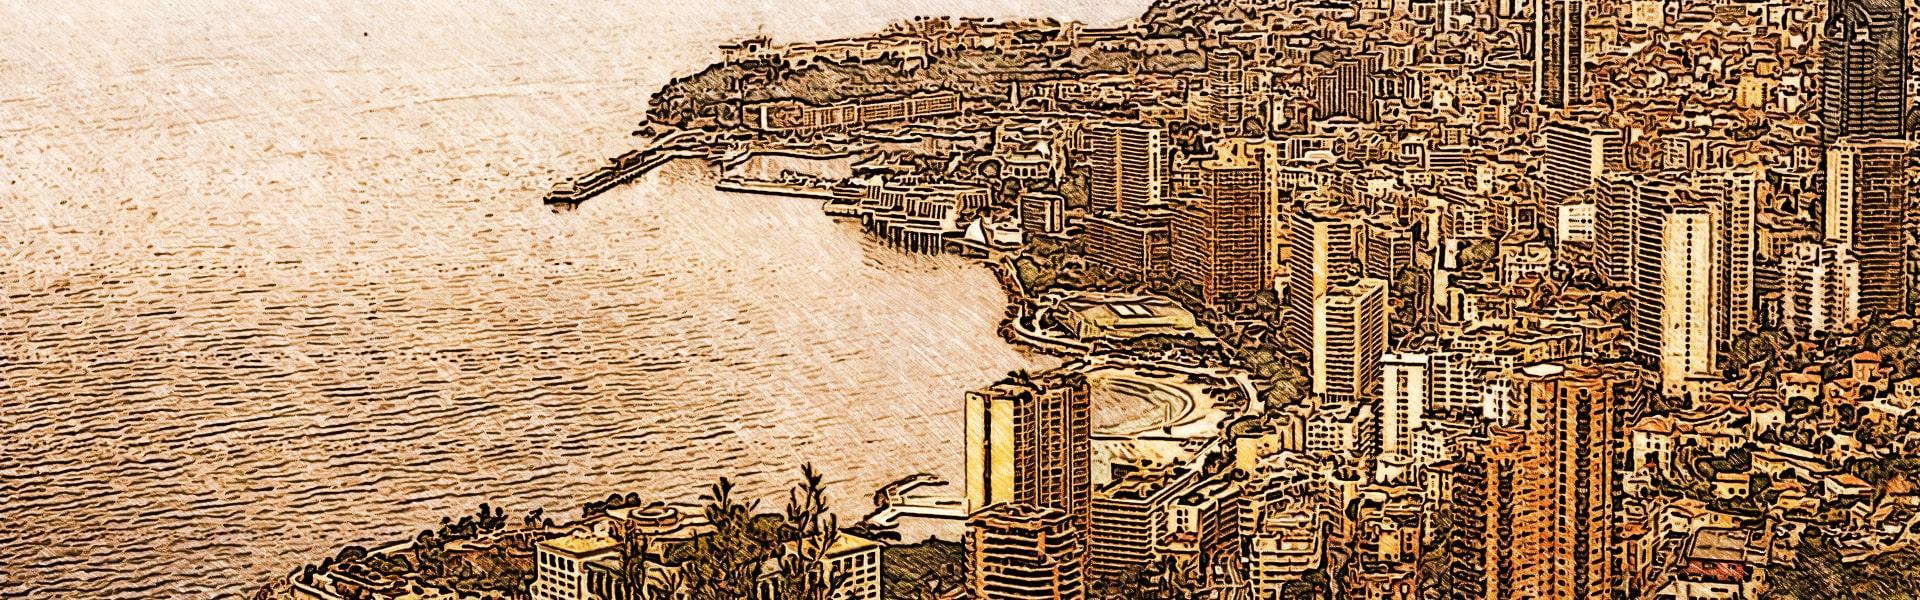 Monaco-min